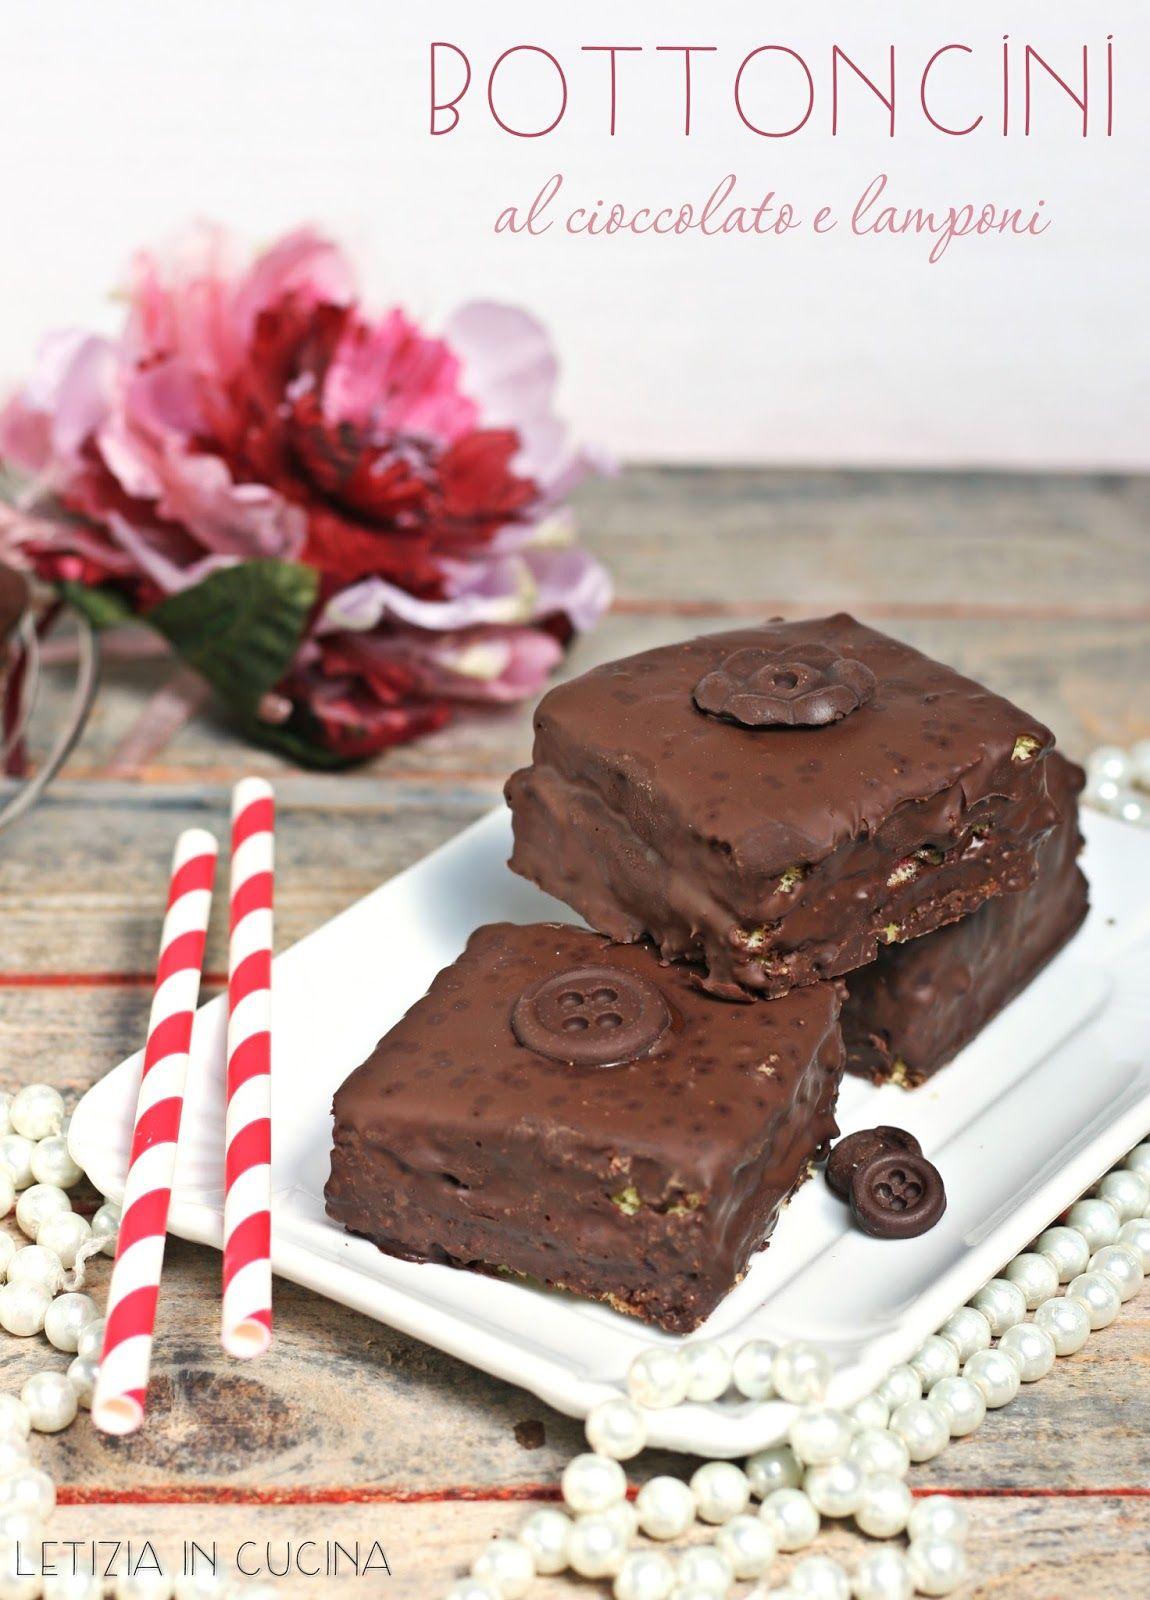 Letizia in Cucina: Bottoncini al cioccolato e lamponi - Cakes Lab ...